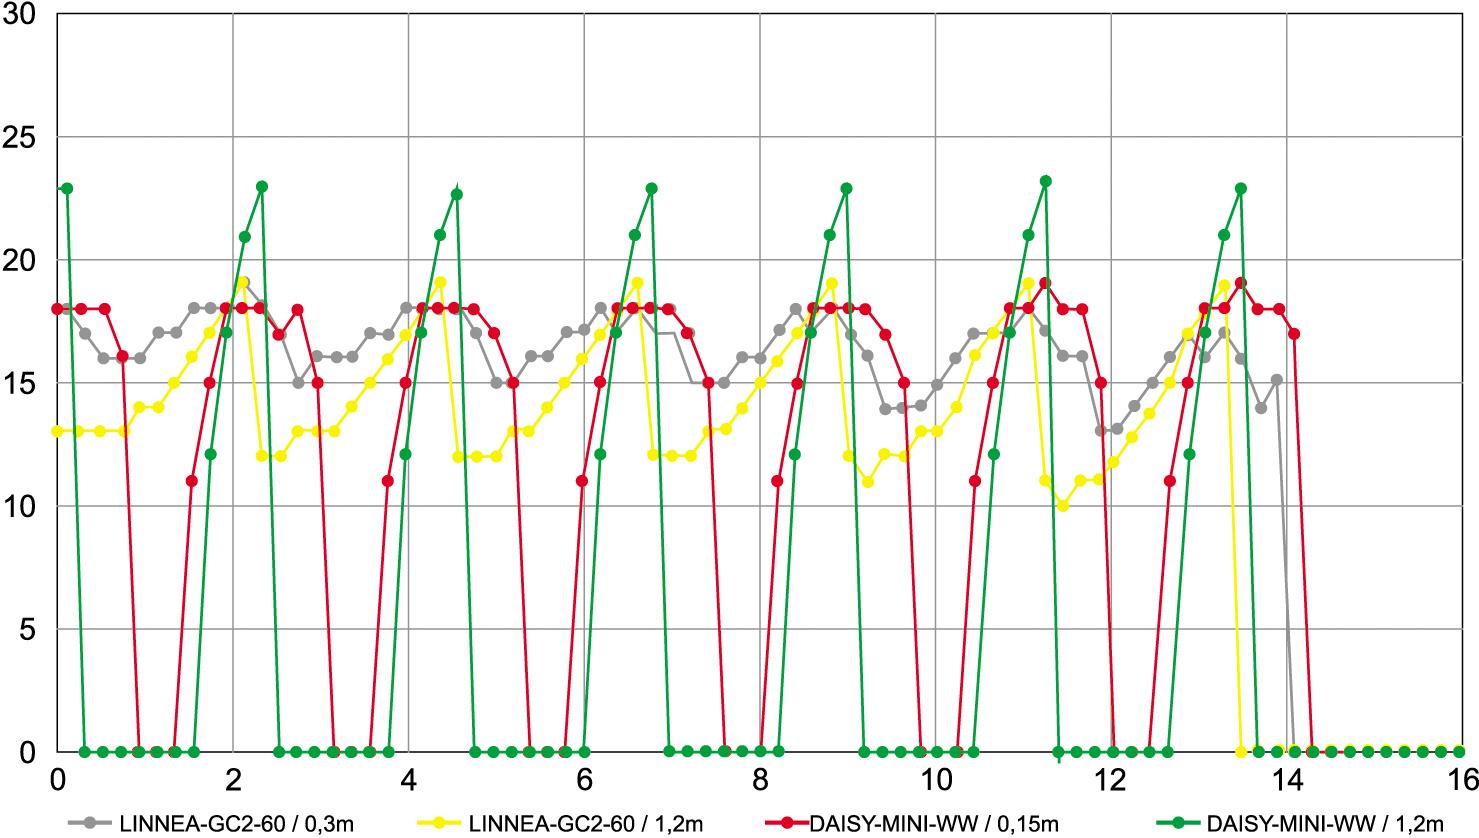 Значения UGR вдоль центральной линии помещения в зависимости от длины светильника